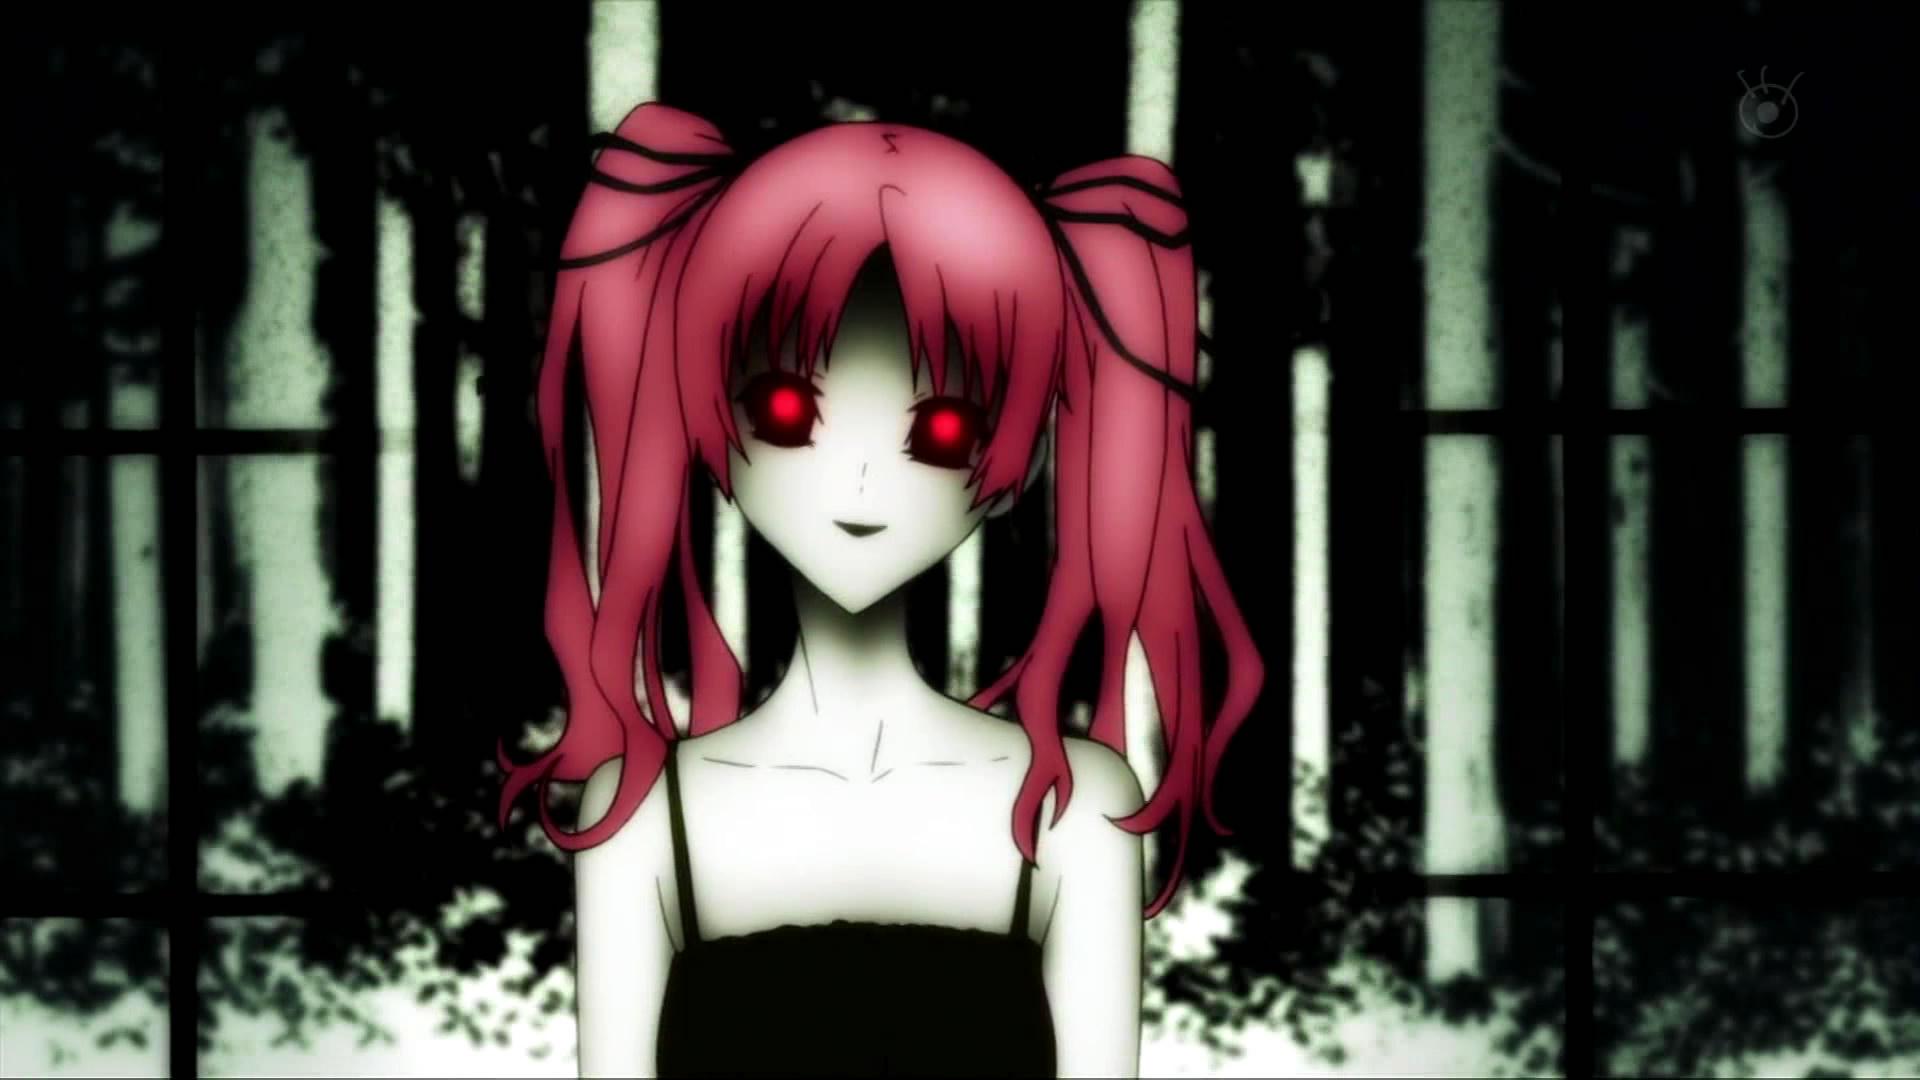 求一张比较阴郁恐怖的动漫女孩的图片